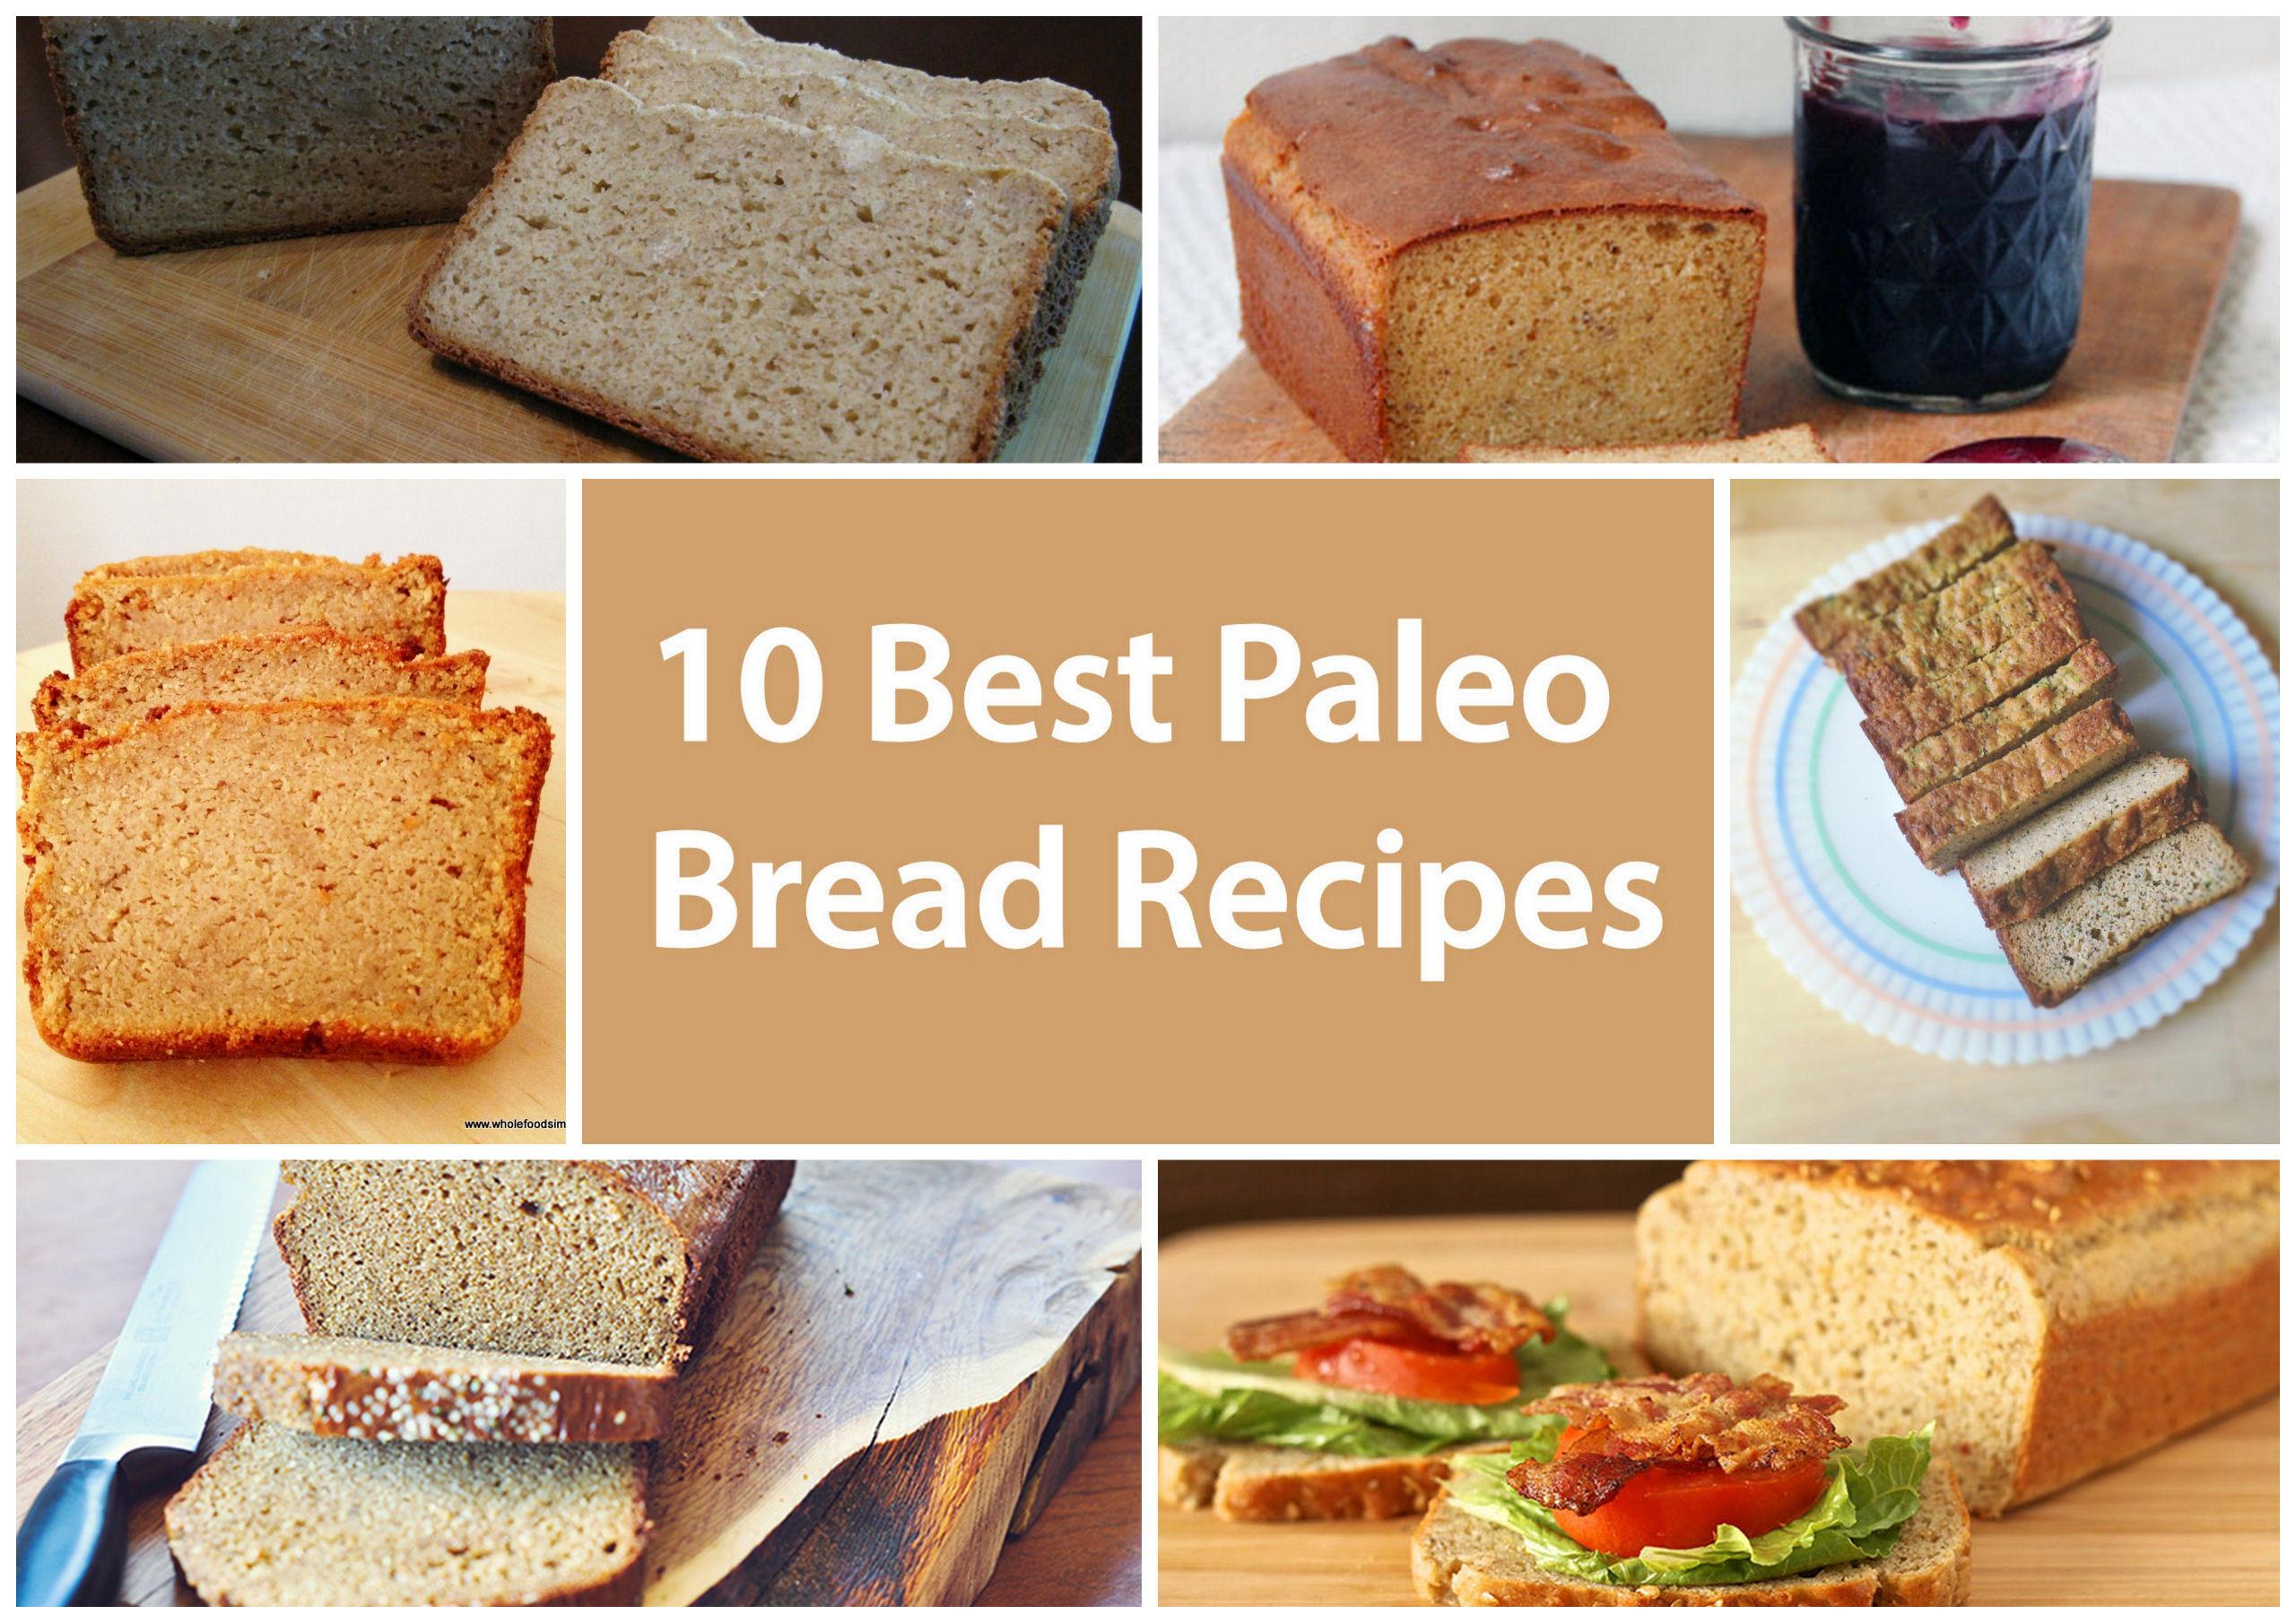 Paleo Bread Recipes  10 Paleo Bread Recipes Paleo Zone Recipes